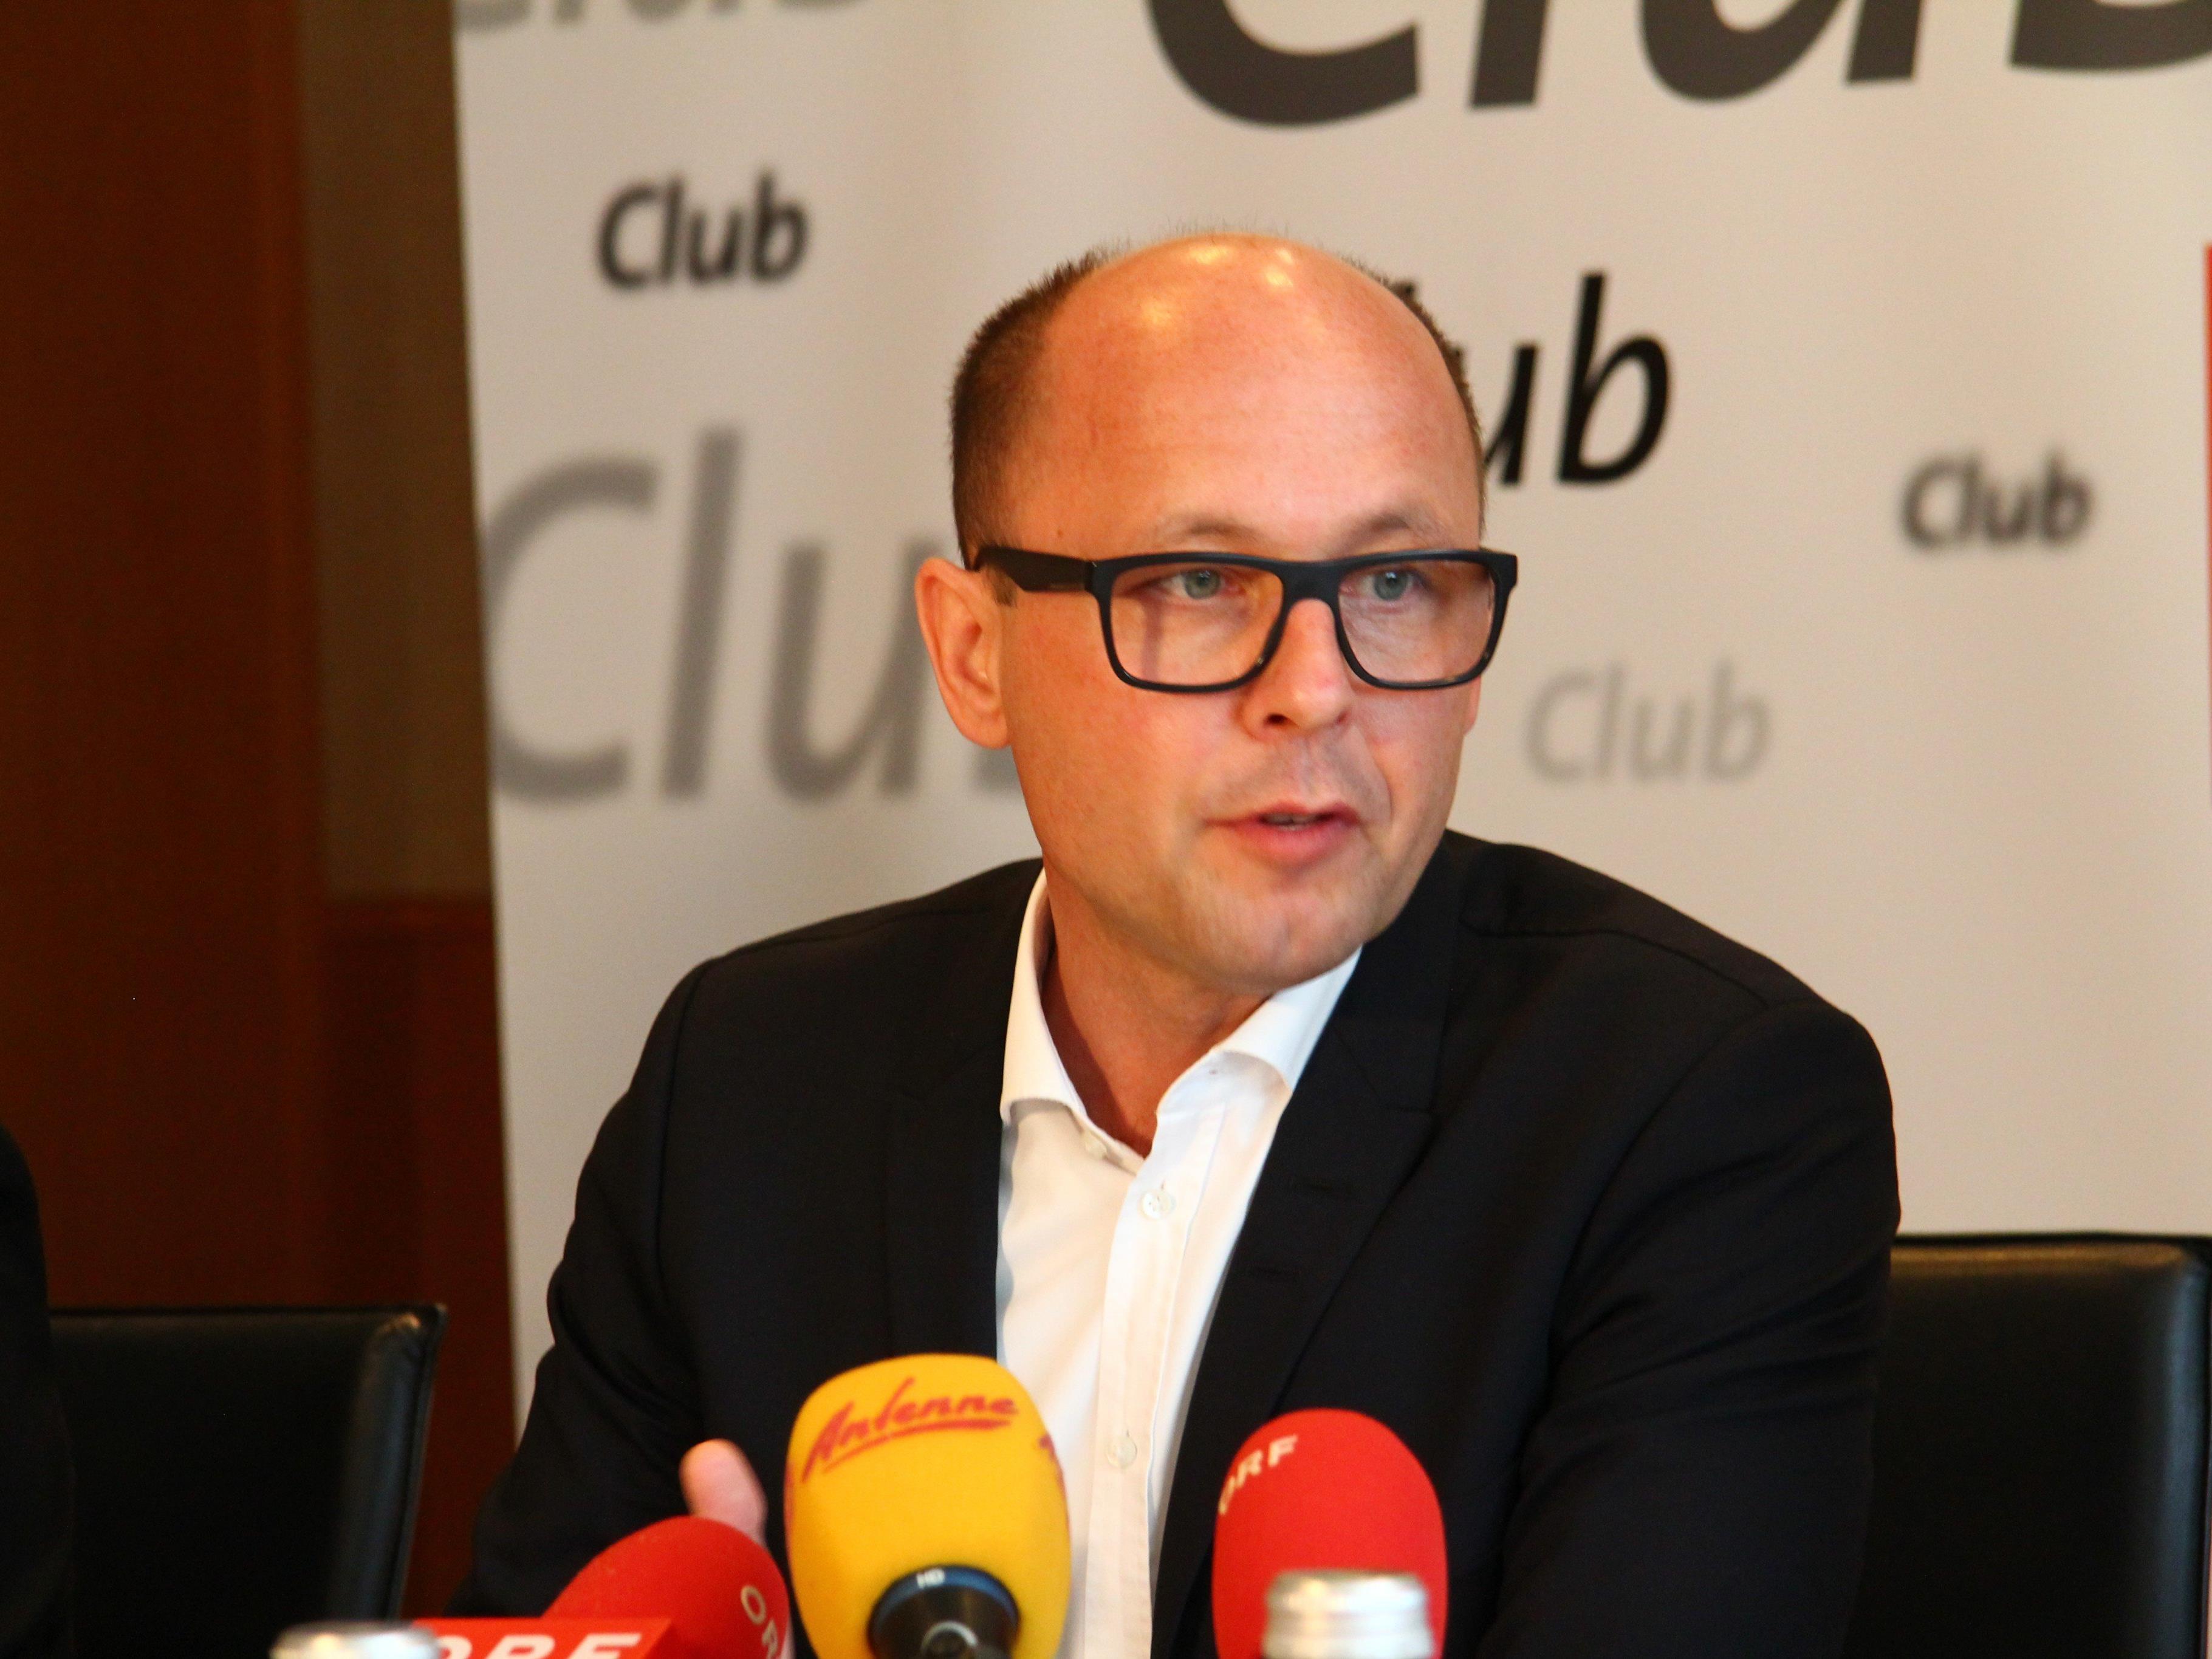 SPÖ-Clubobmann Ritsch wittert eine Verzögerungstaktik der ÖVP im Hypo-U-Ausschuss.